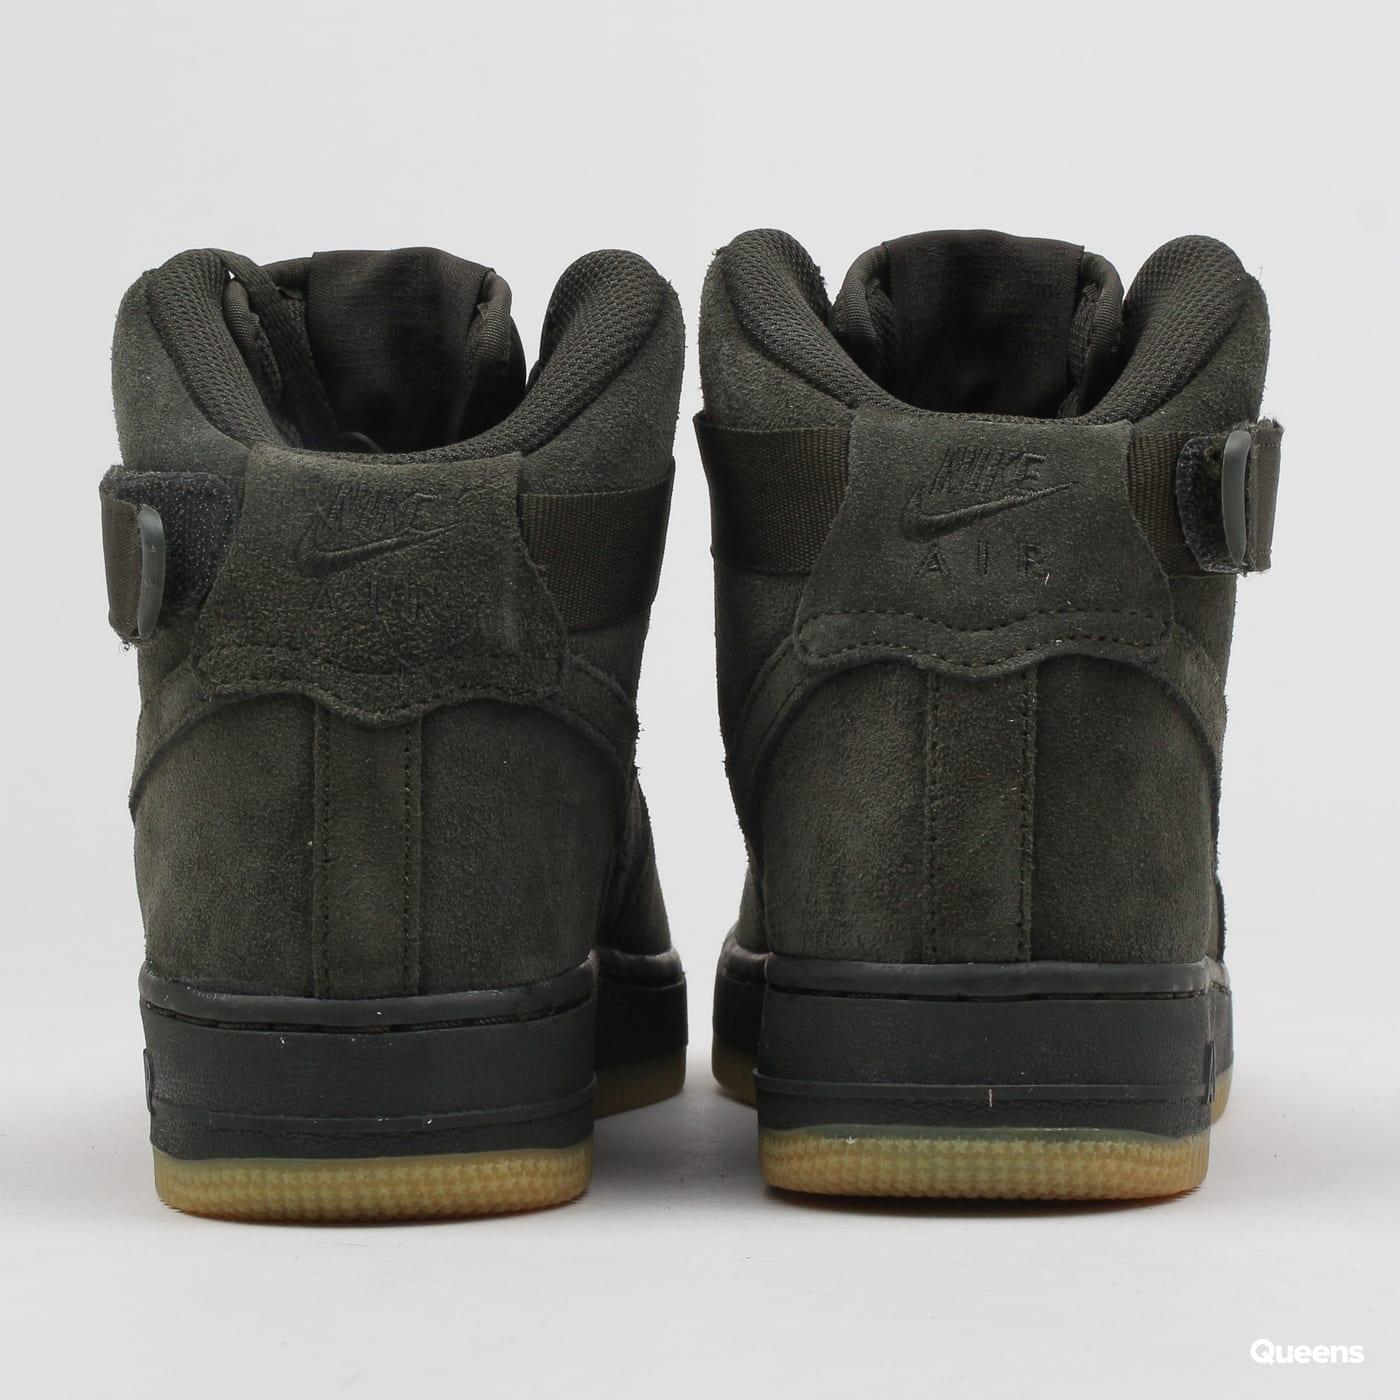 b4269c5756baf ZvětšitZvětšitZvětšitZvětšitZvětšit. Nike Air Force 1 High LV8 (GS) sequoia  ...